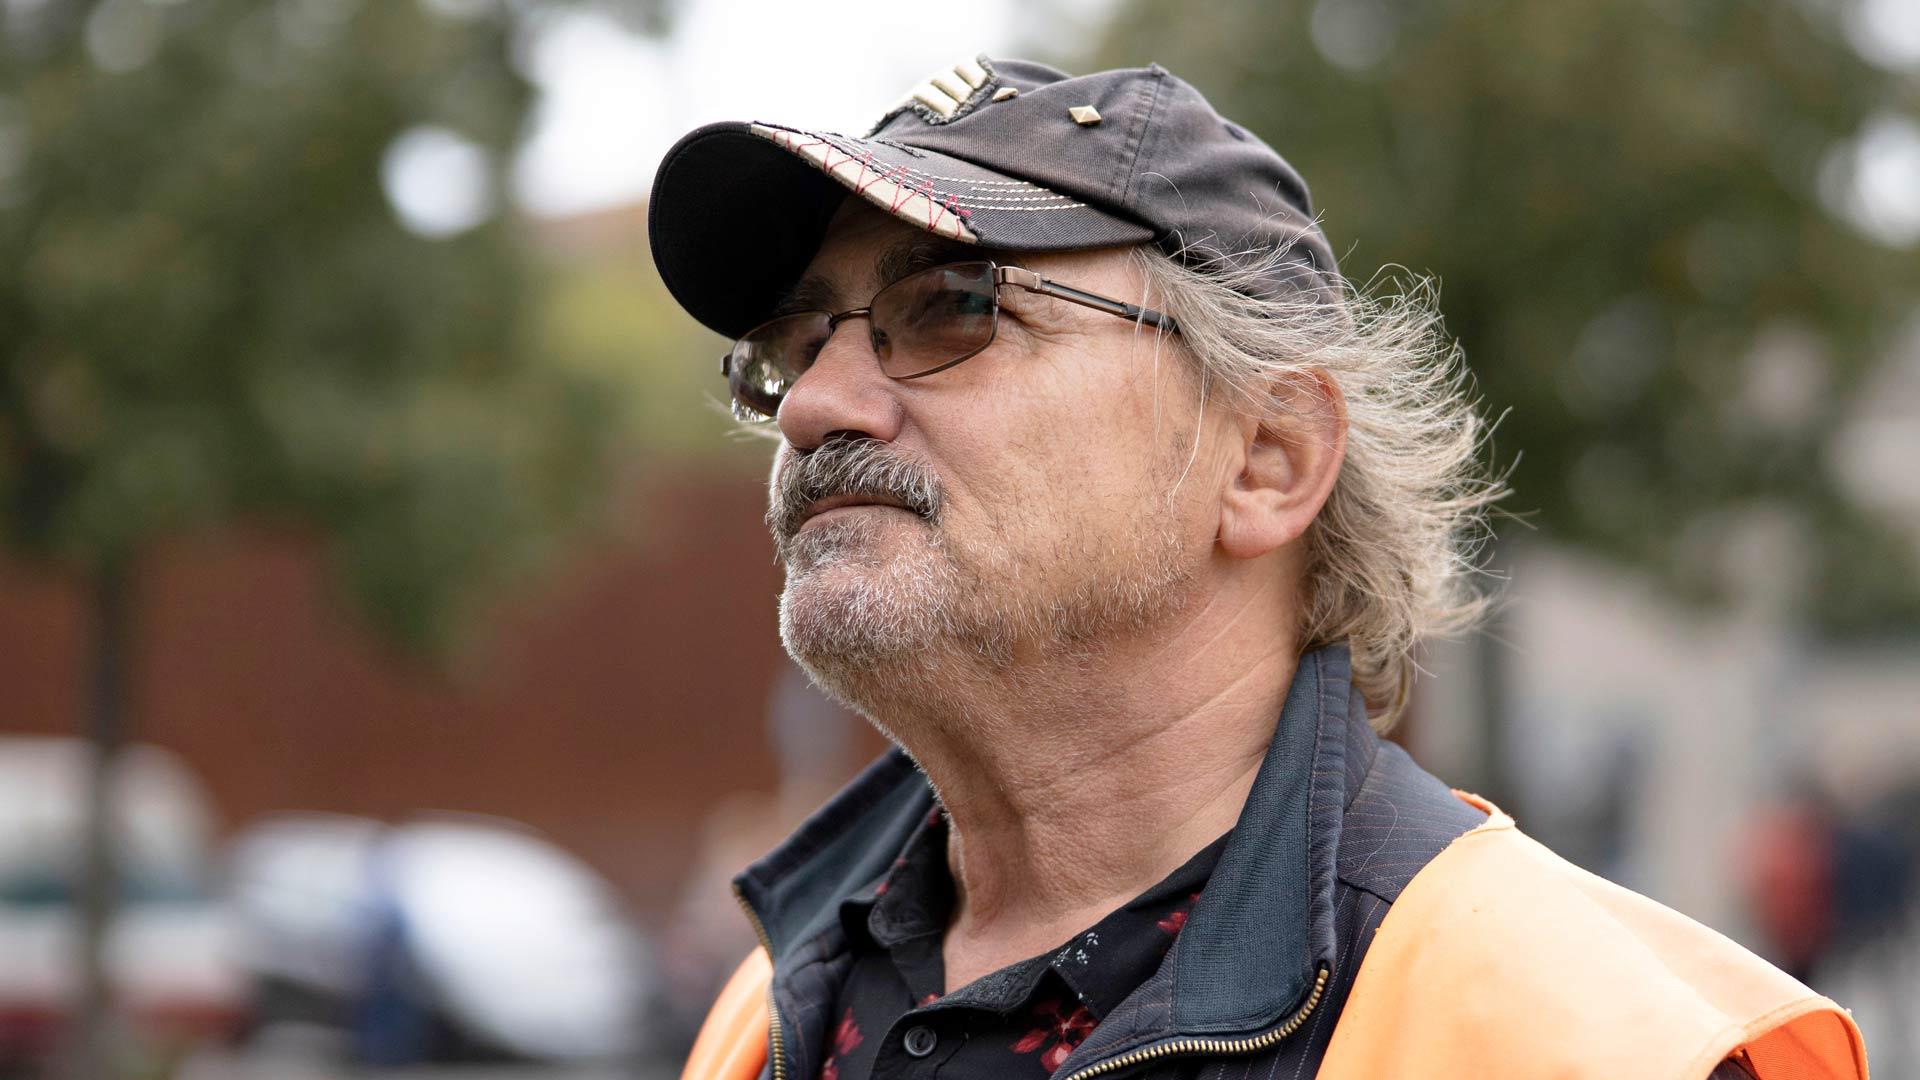 Peter Barsch onnistui pakenemaann Itä-Saksasta syksyllä 1978. Nyt hän vetää muurista kertovia opasretkiä.